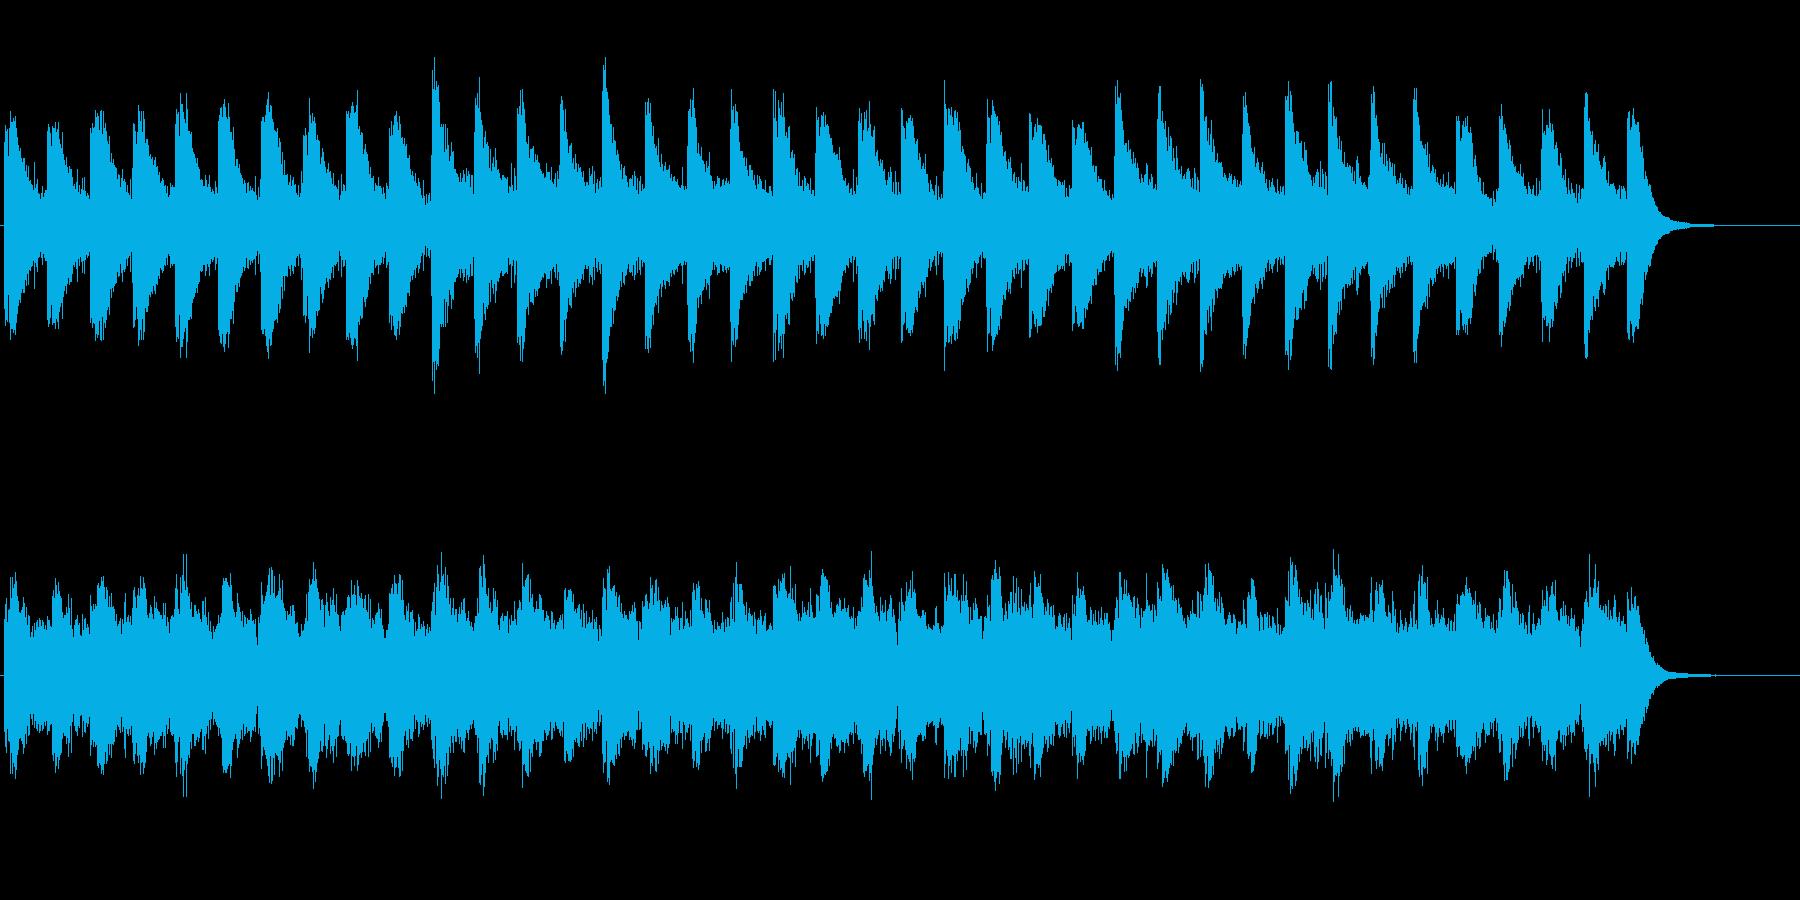 けだるくひんやりと流れるメロディーの再生済みの波形